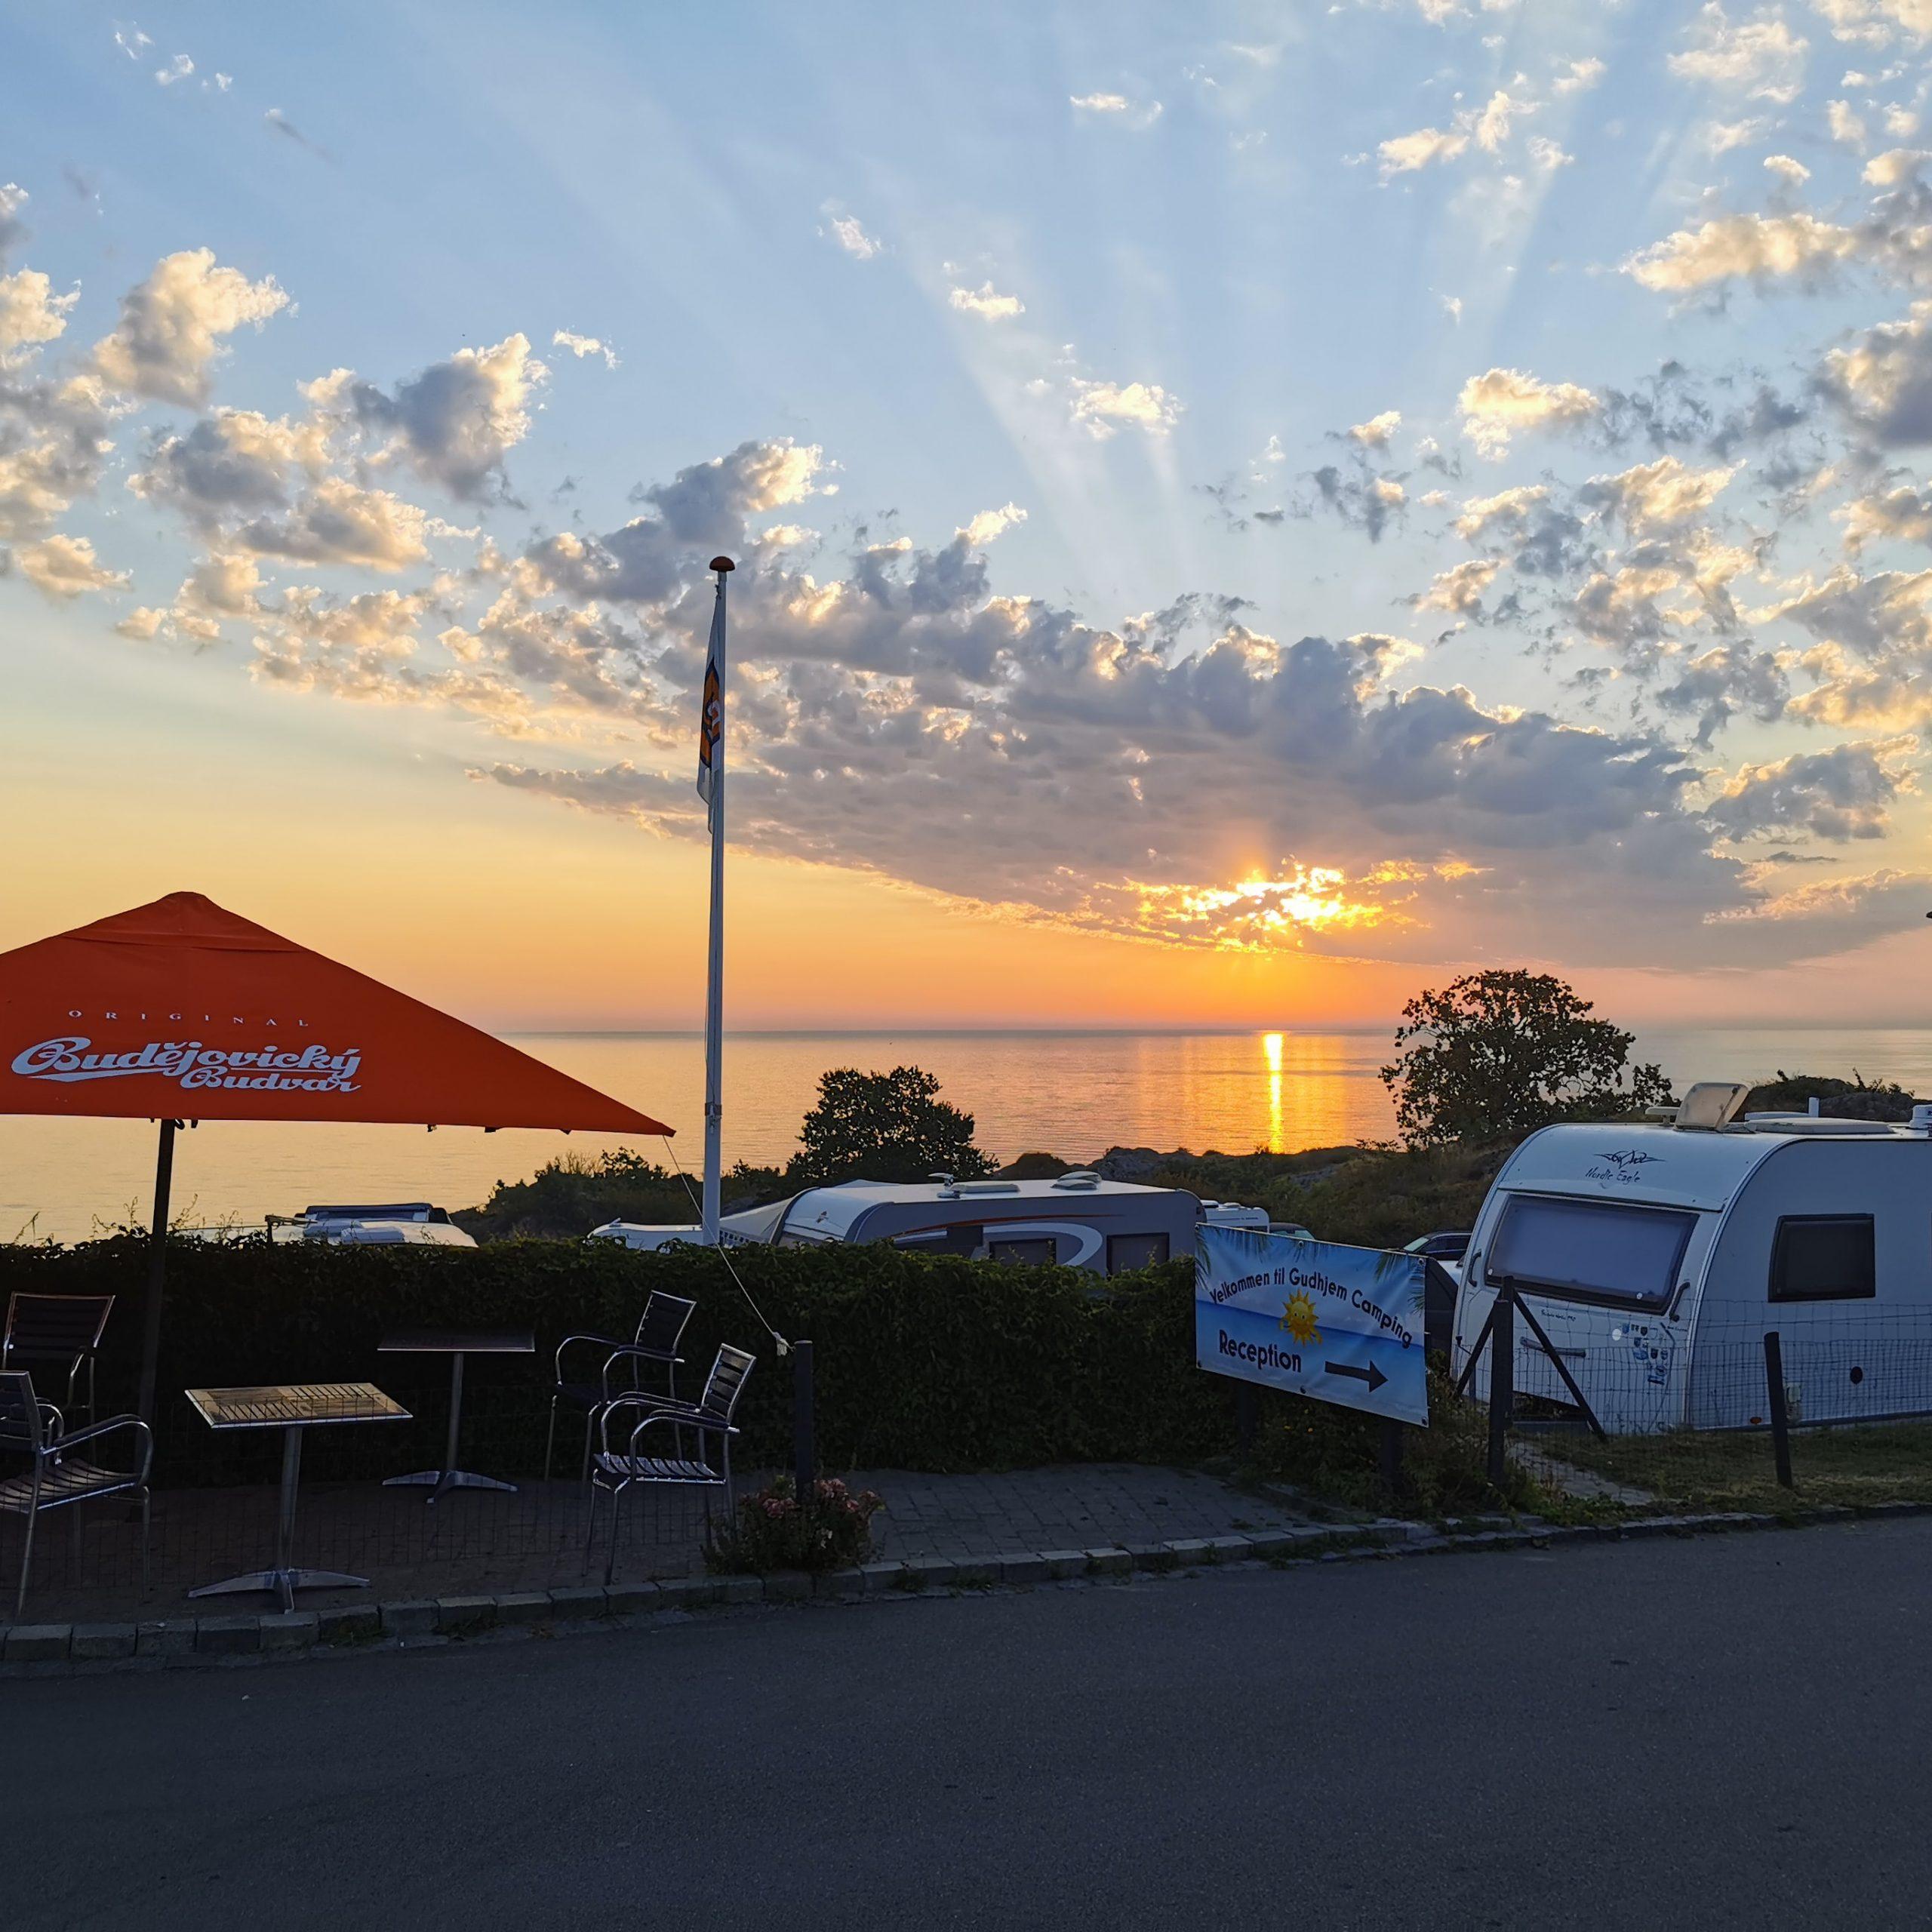 Besøg skønne Gudhjem Camping på Bornholm (Reklame)